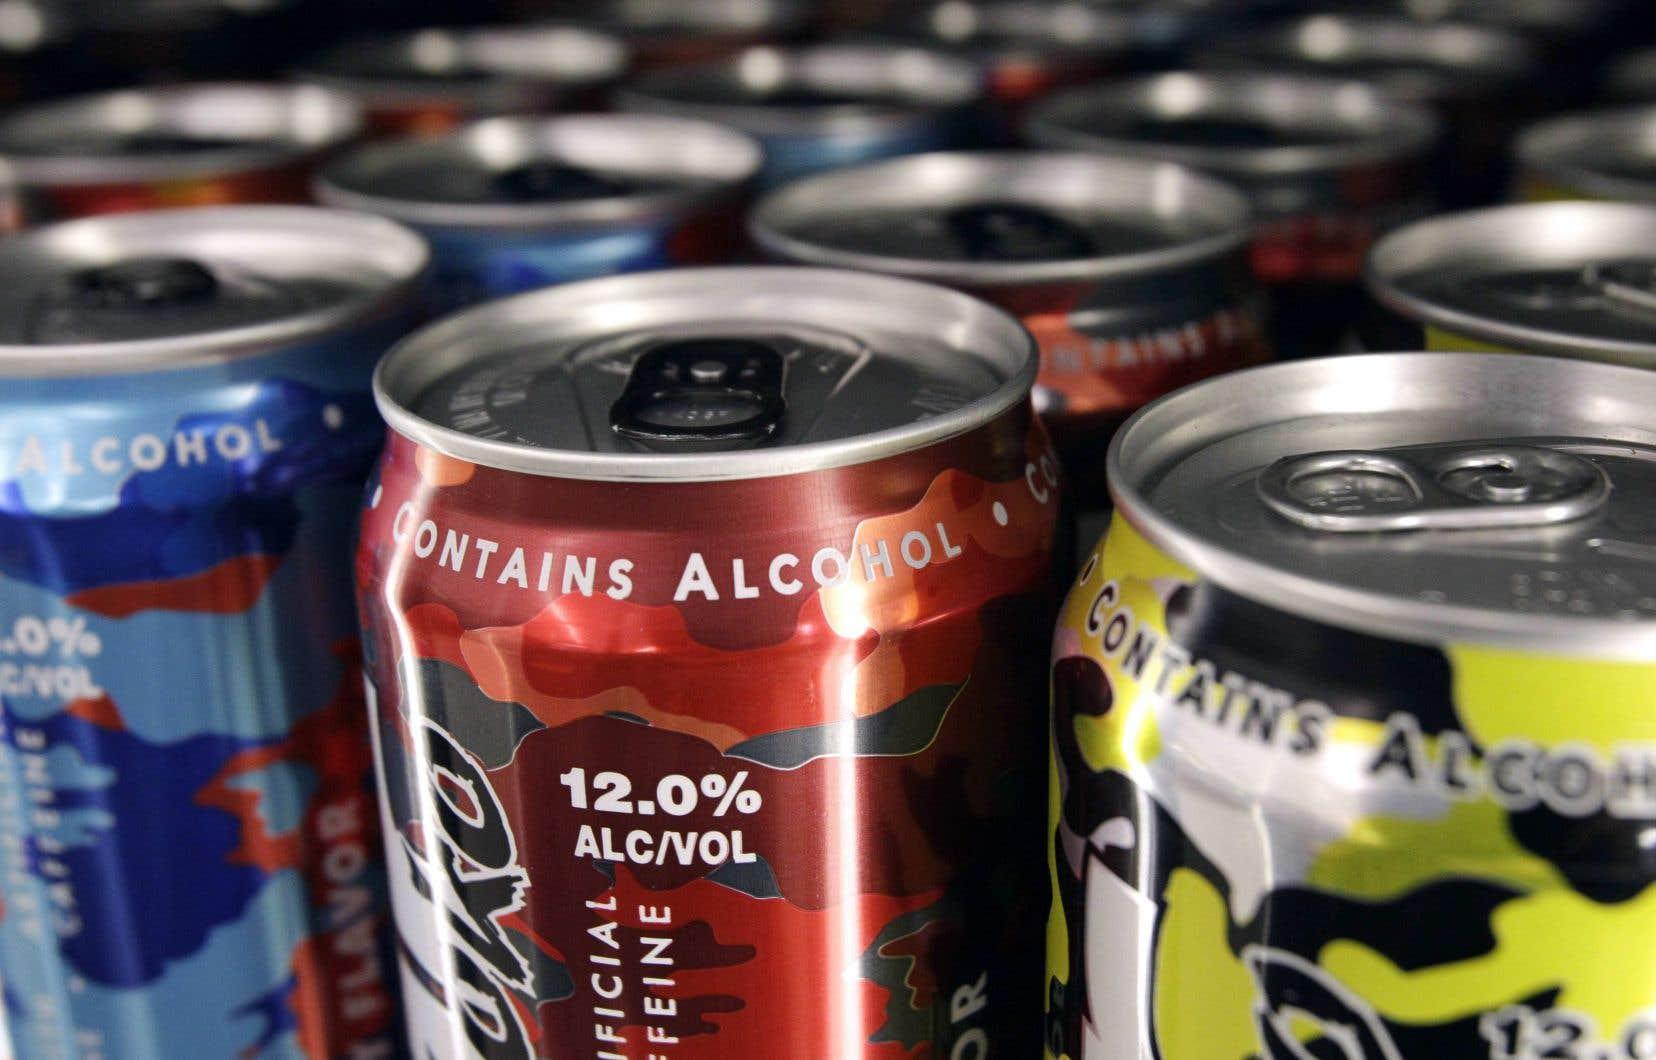 Dans l'idéal, la vente des boissons contenant des produits qui camouflent le goût et l'effet de l'alcool devrait être interdite, juge l'auteur.